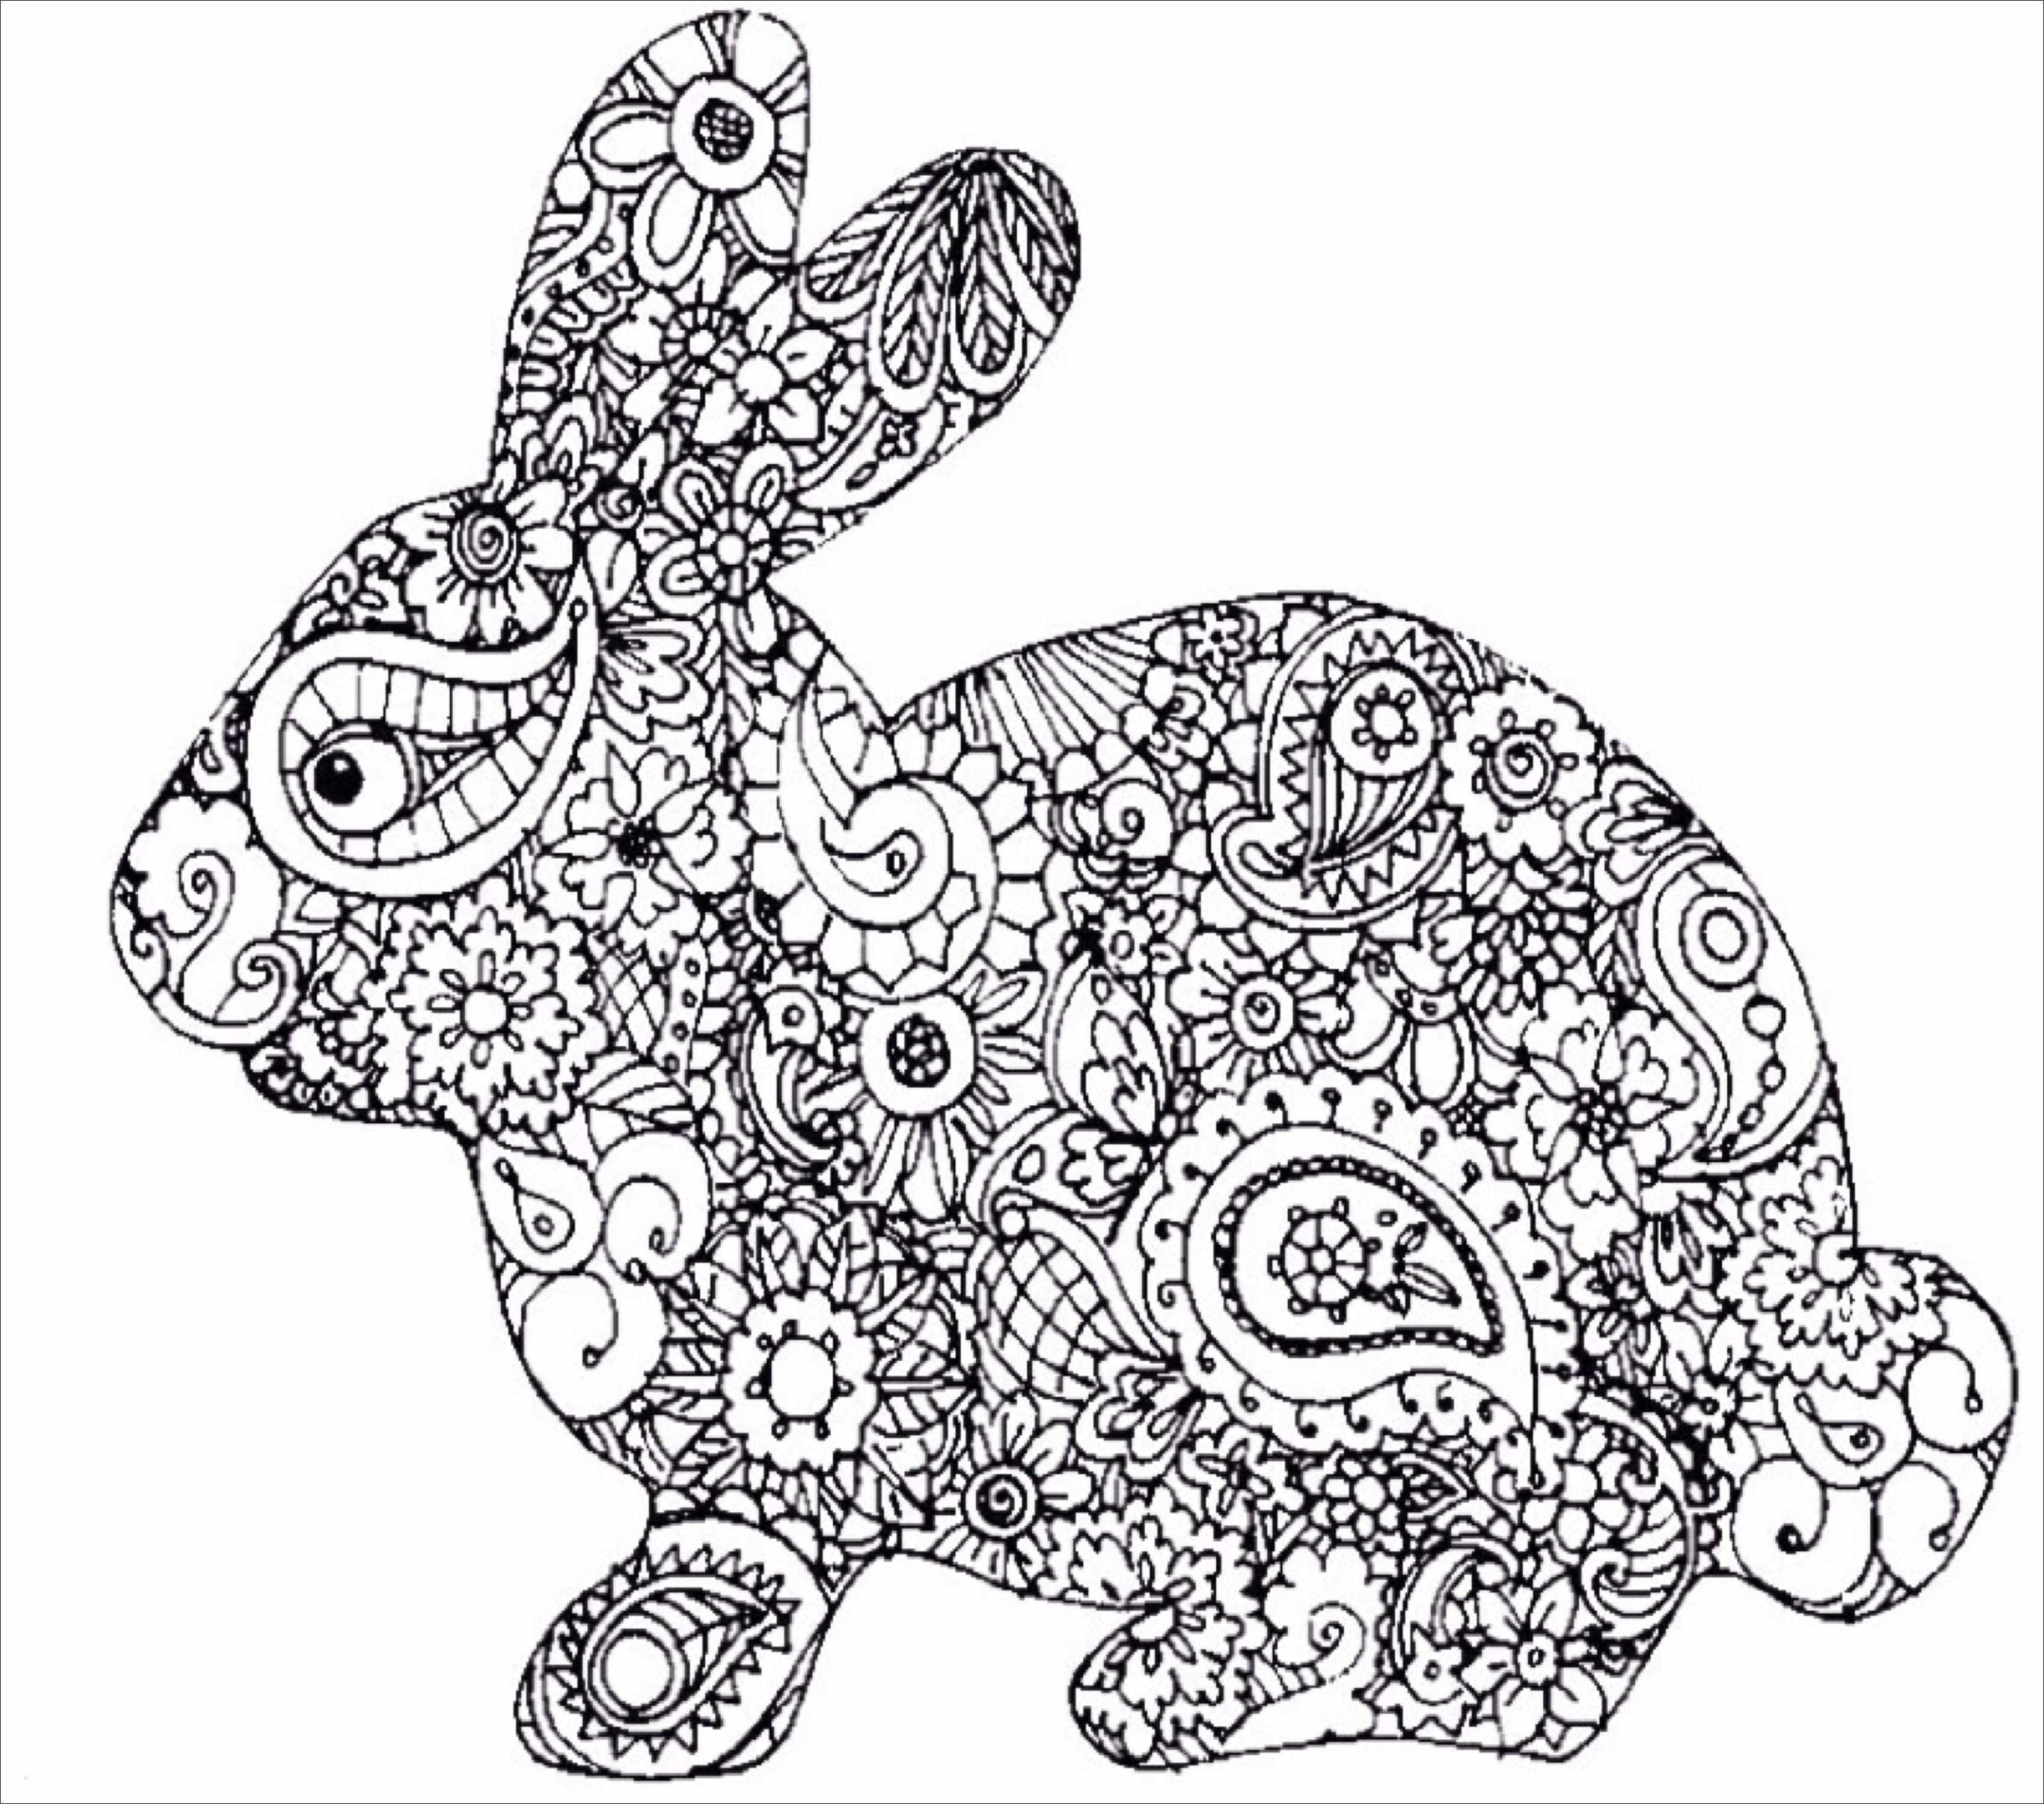 Anspruchsvolle Mandalas Zum Ausdrucken Frisch Einhorn Mandalas Zum Ausdrucken Frais Kaninchen Mandalas Zum Das Bild